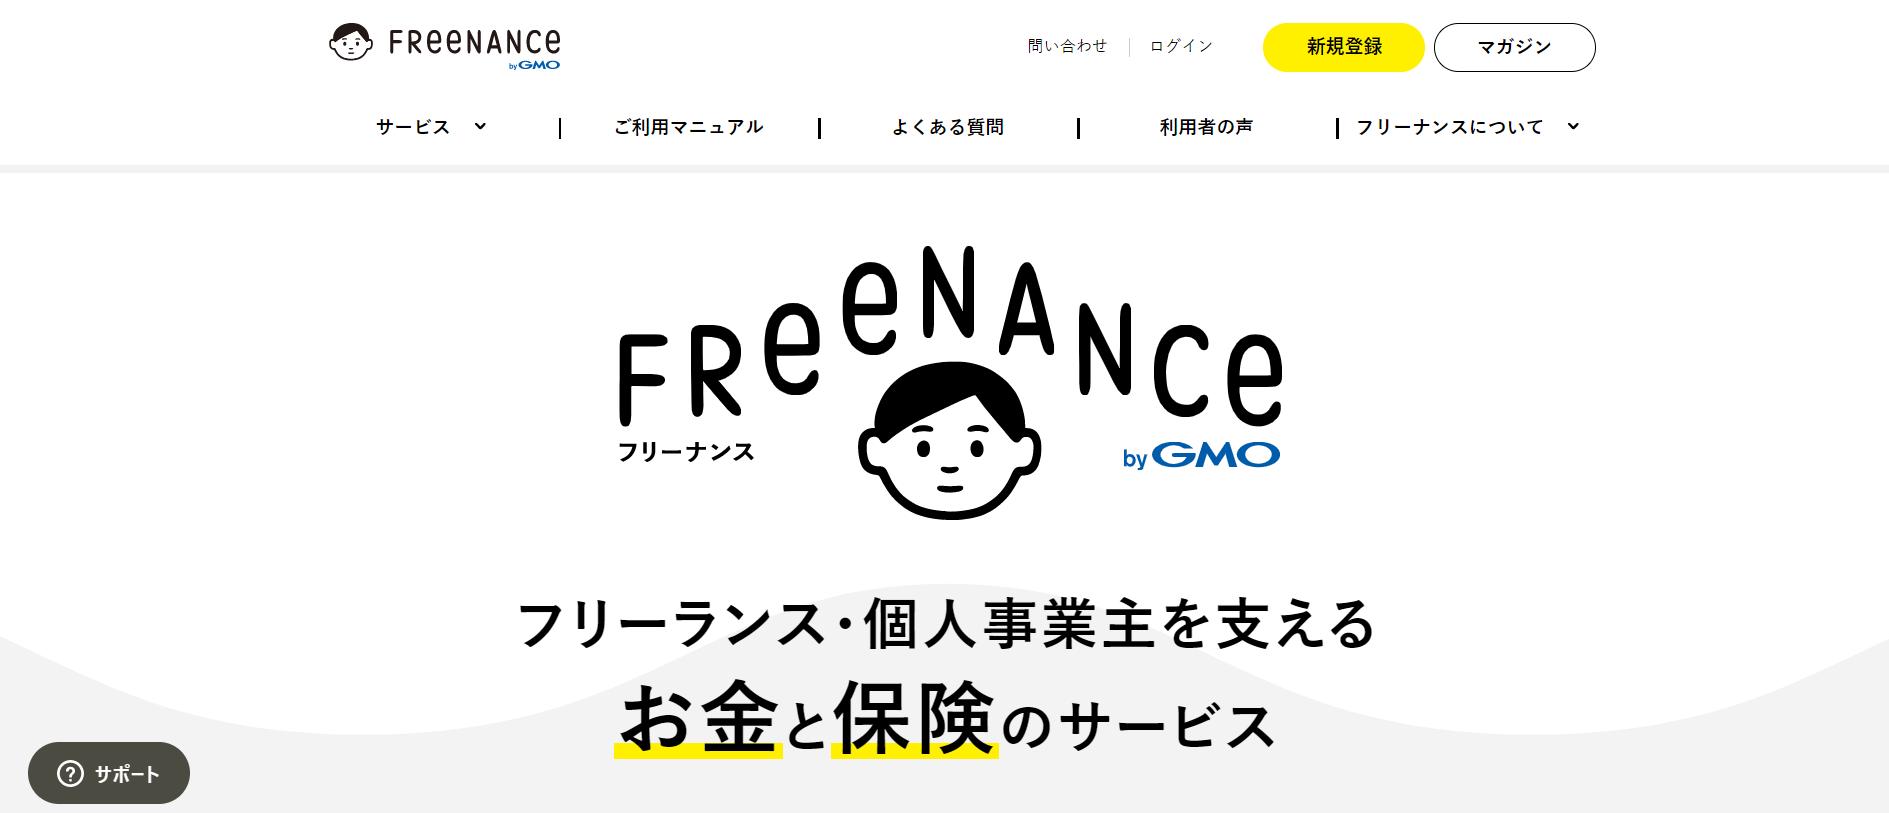 フリーナンス公式サイト